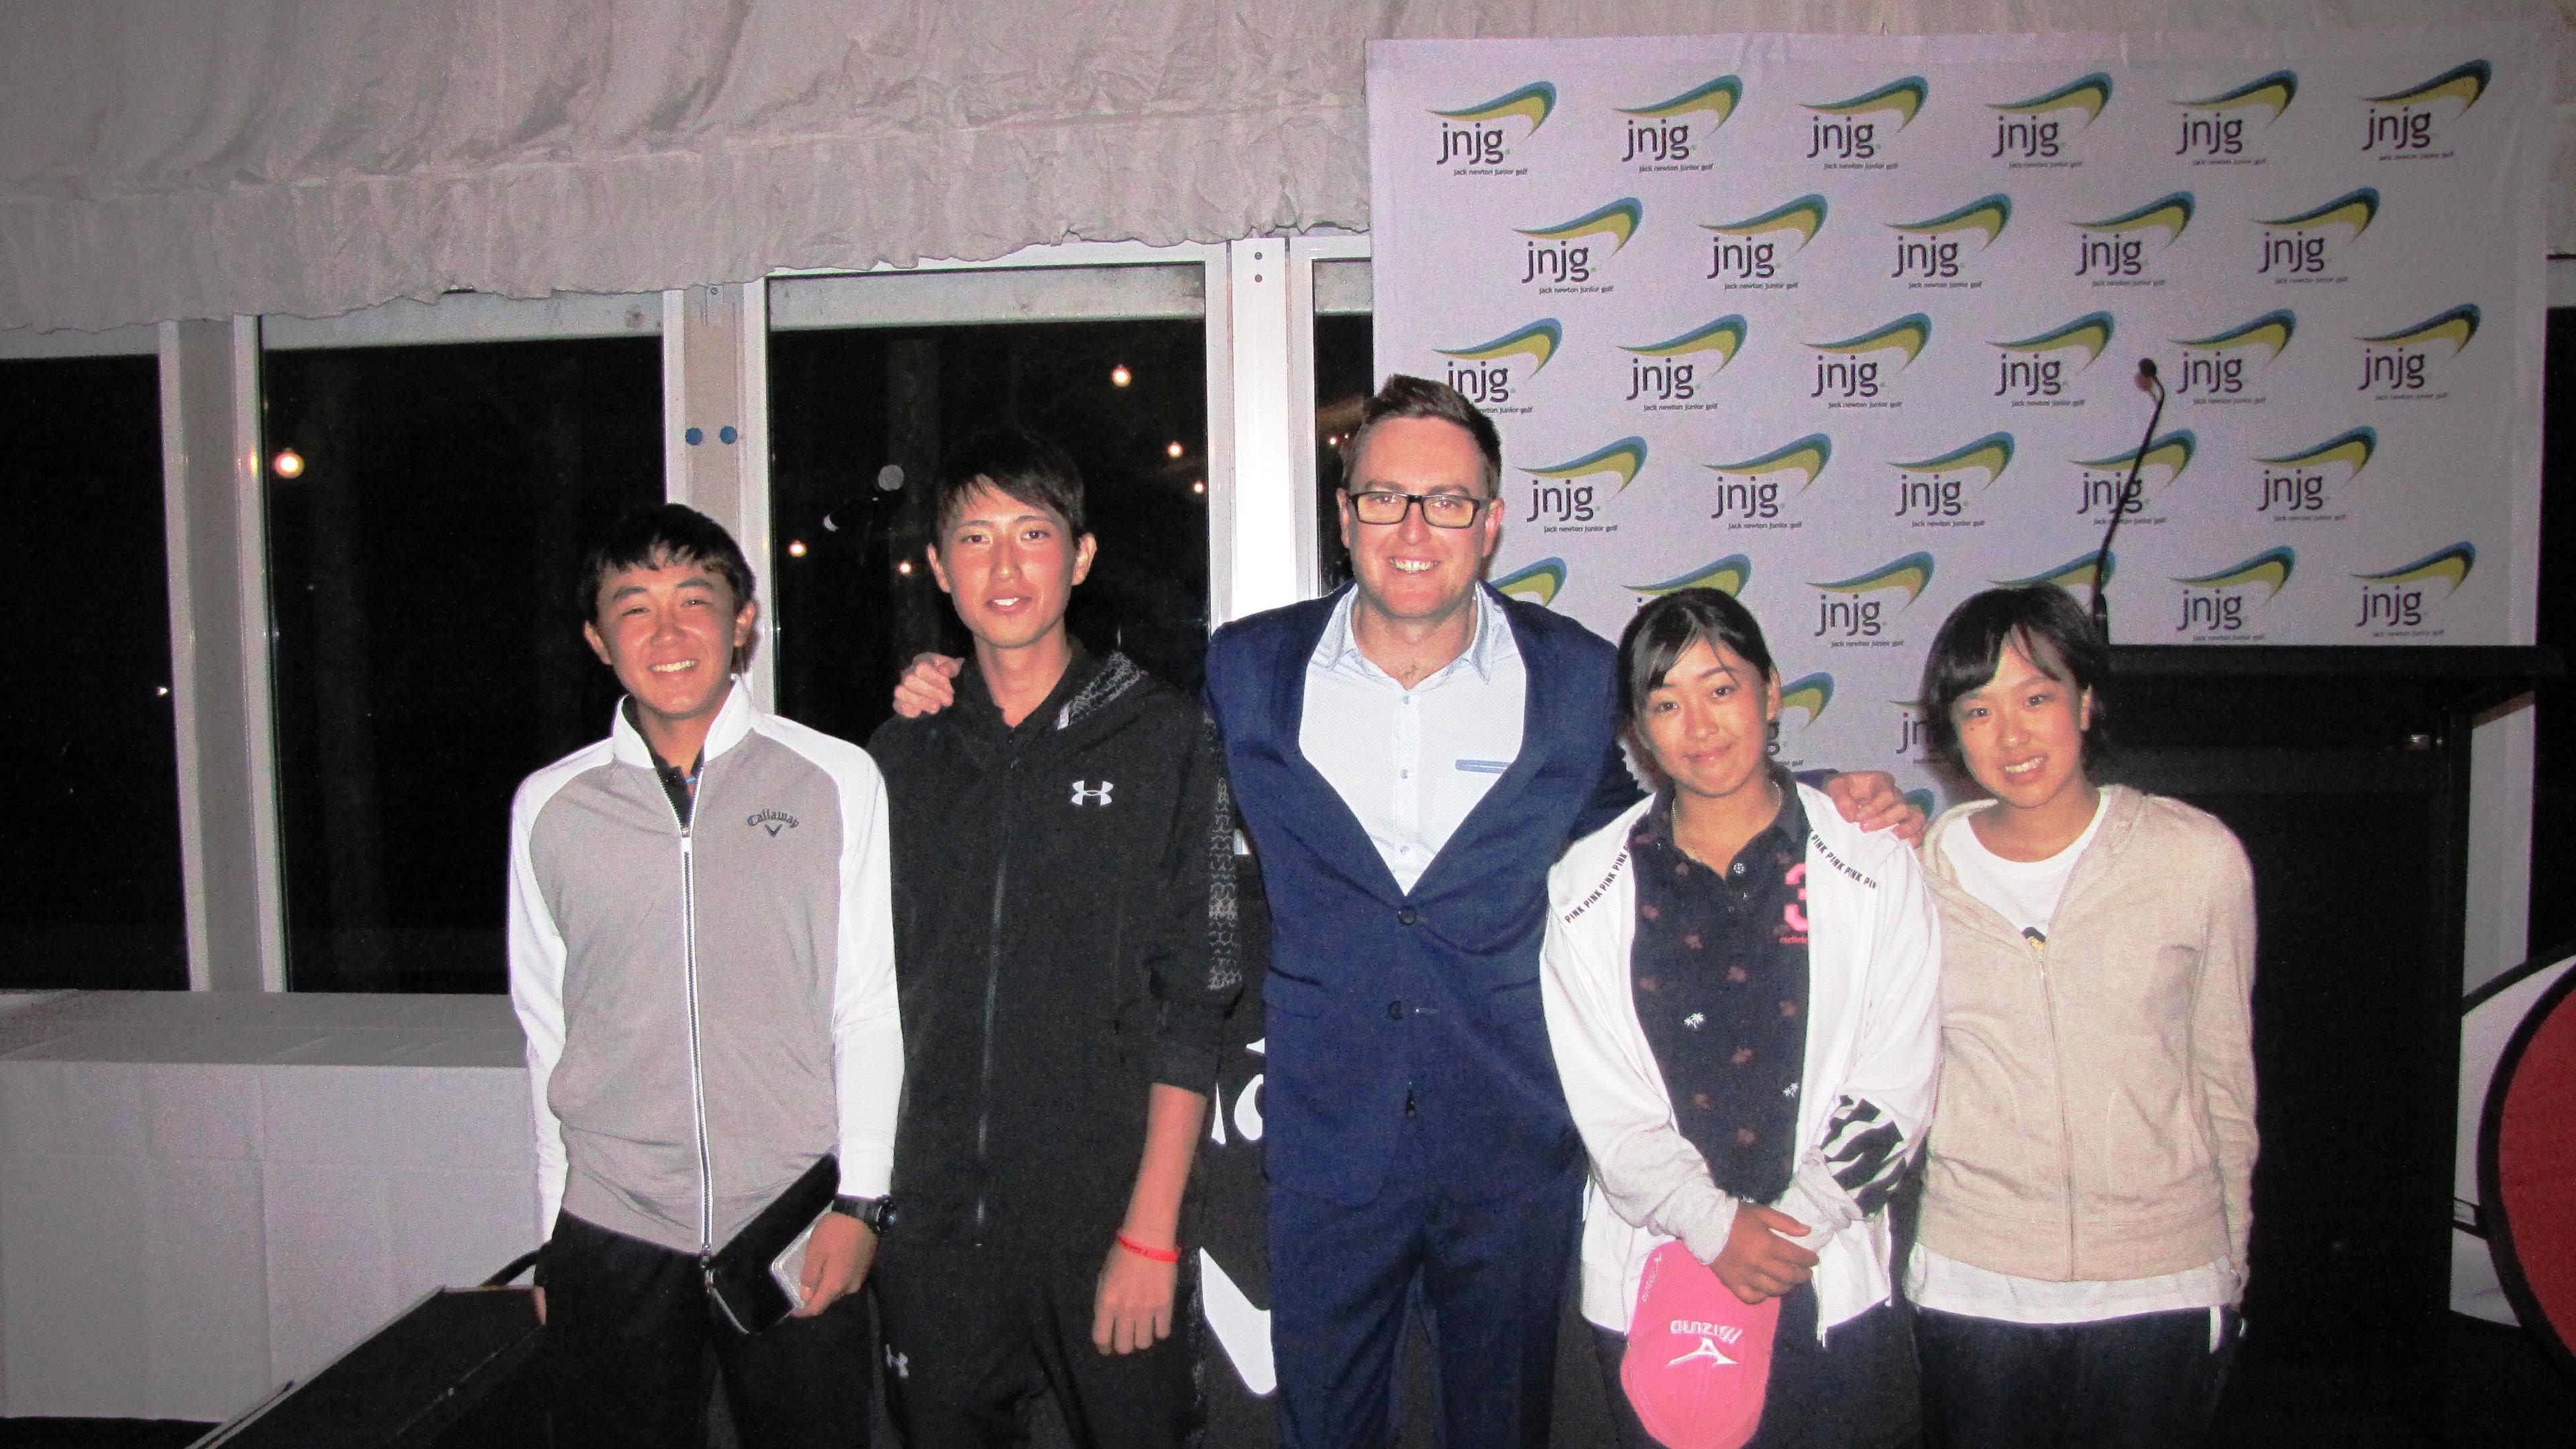 今大会の総責任者、デールさんを囲んで笑顔の日本選手(小屋君、梅津君、デールさん、西郷さん、榎本さん)